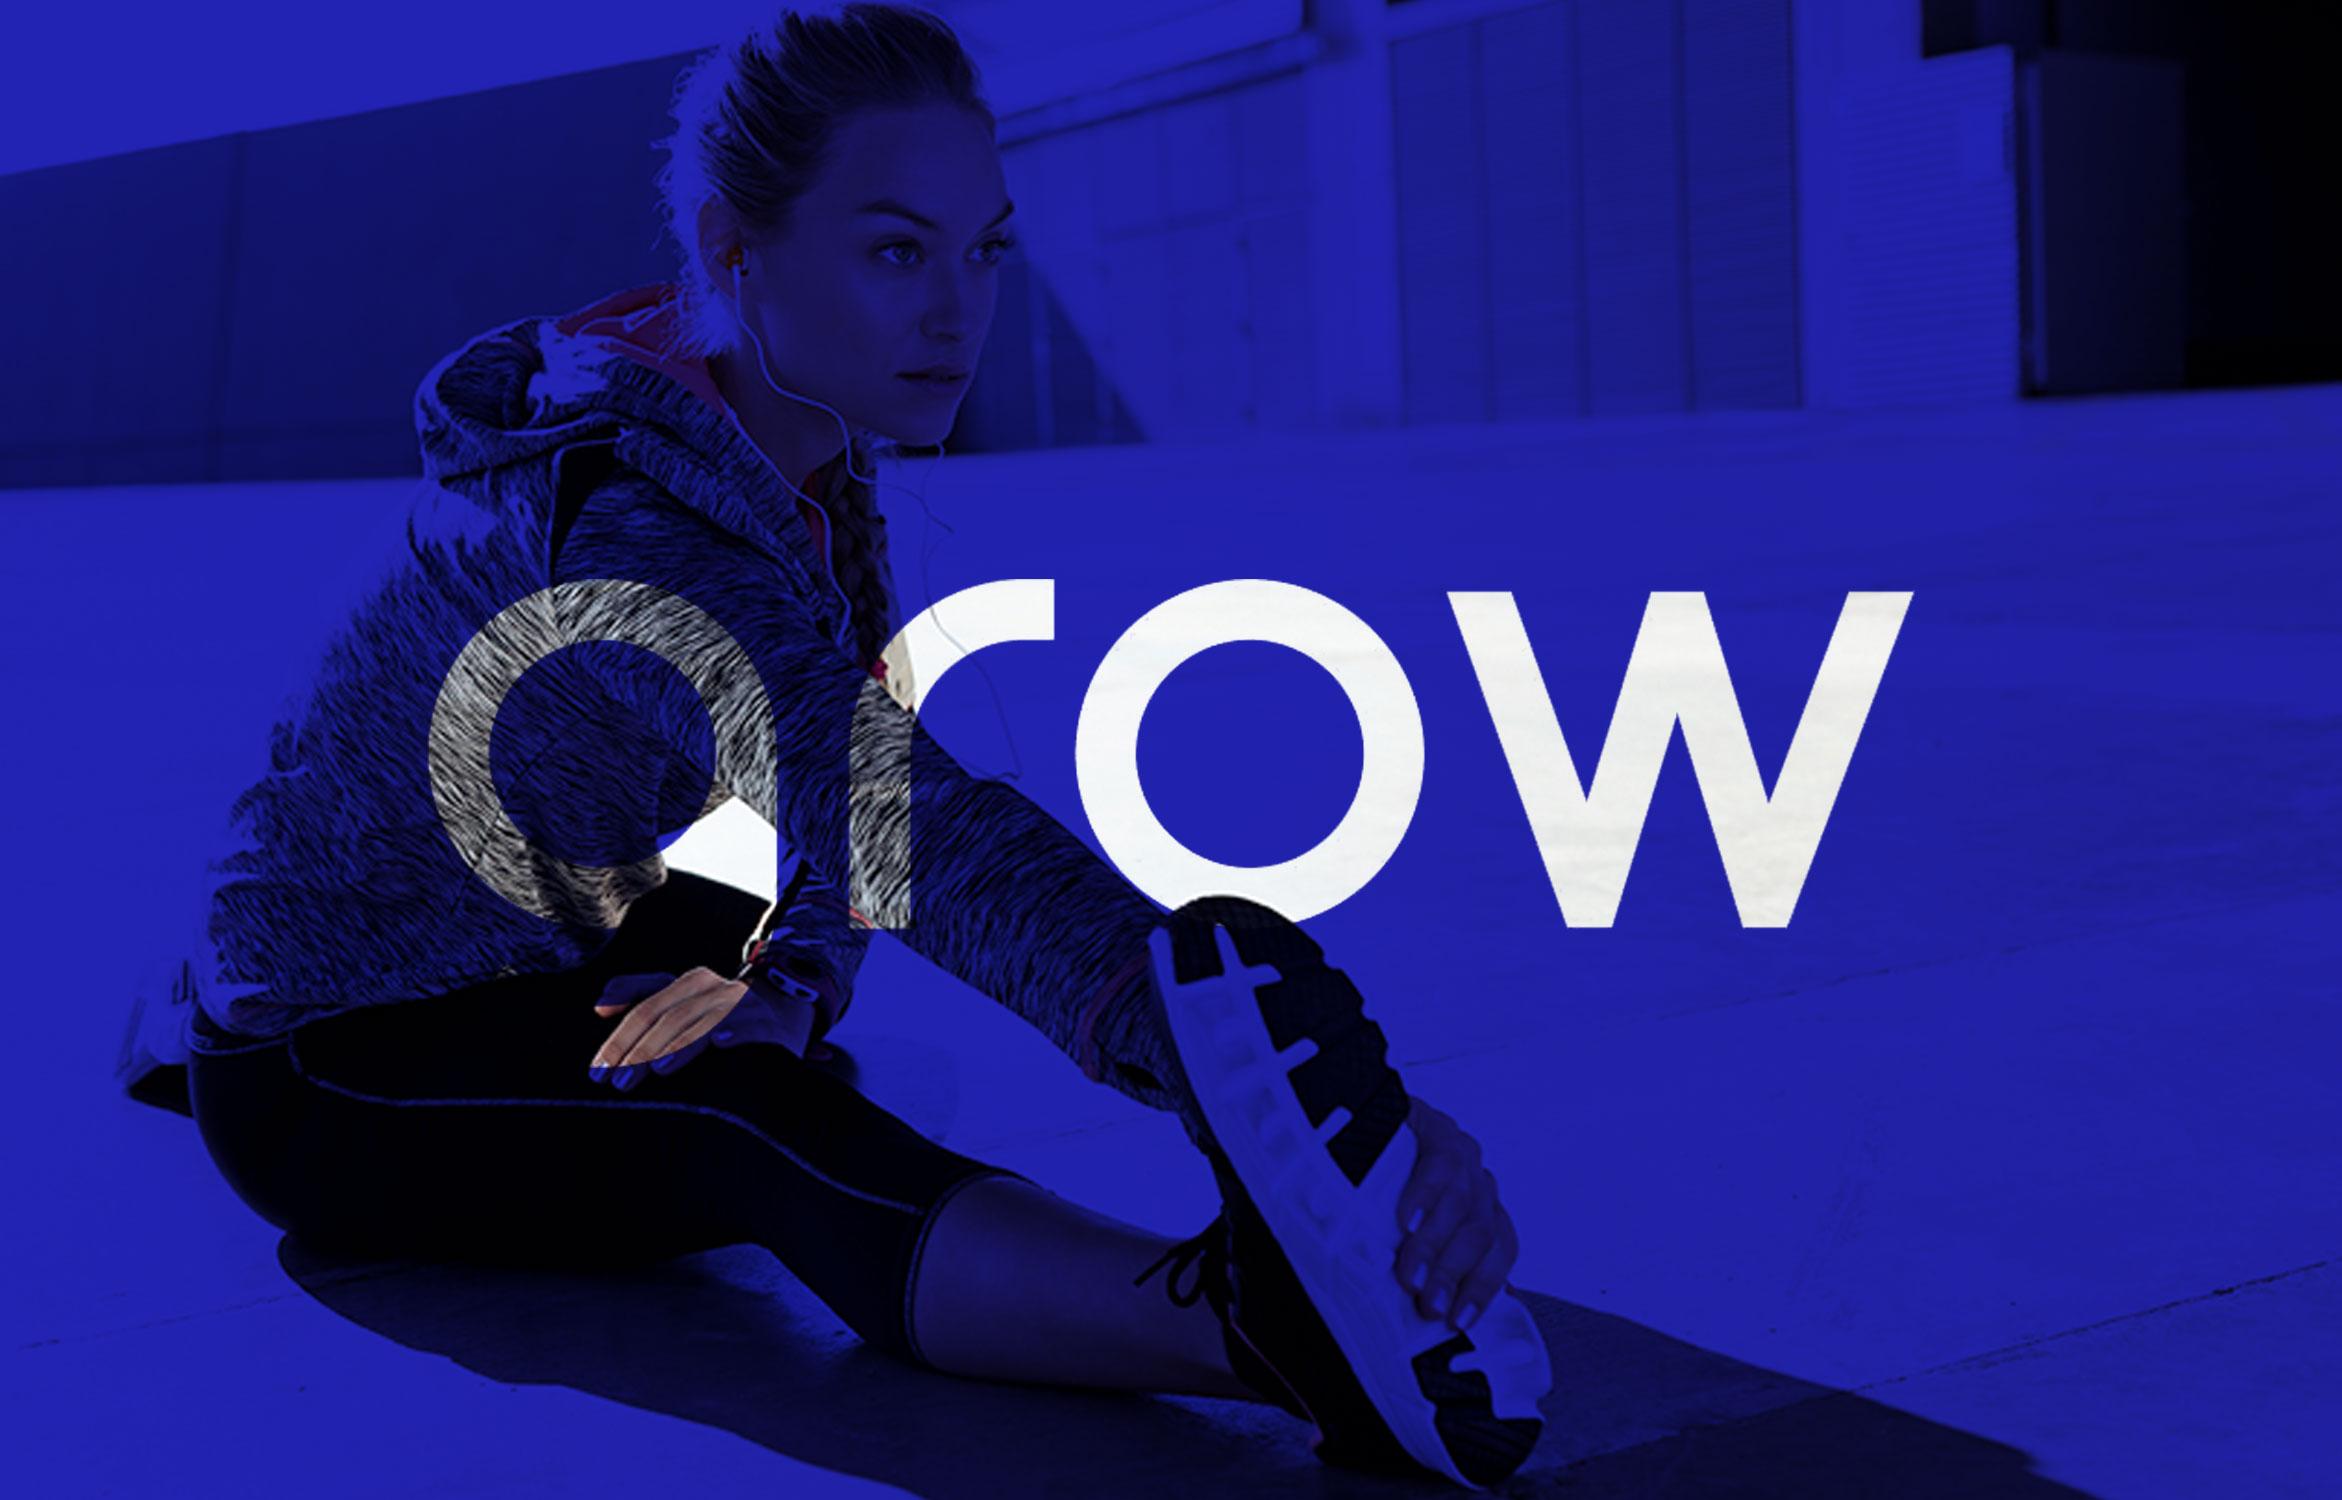 grow-gym-design-1